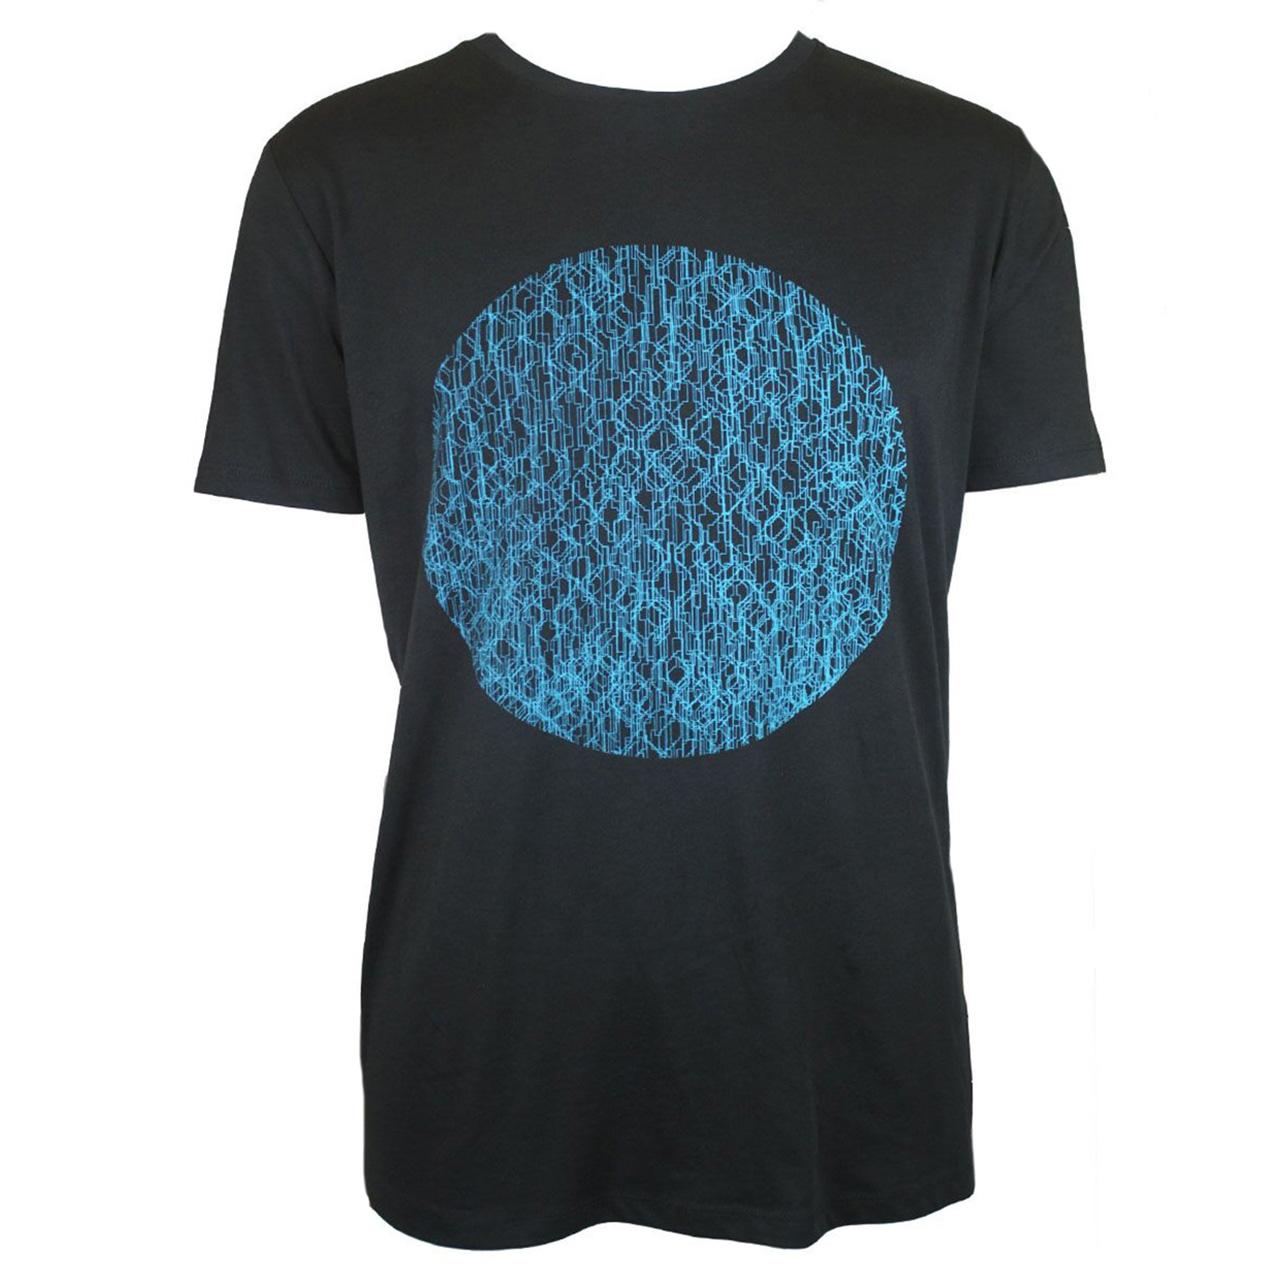 Berlin Design T-Shirt Fernsehturm Kreis men schwarz/blau